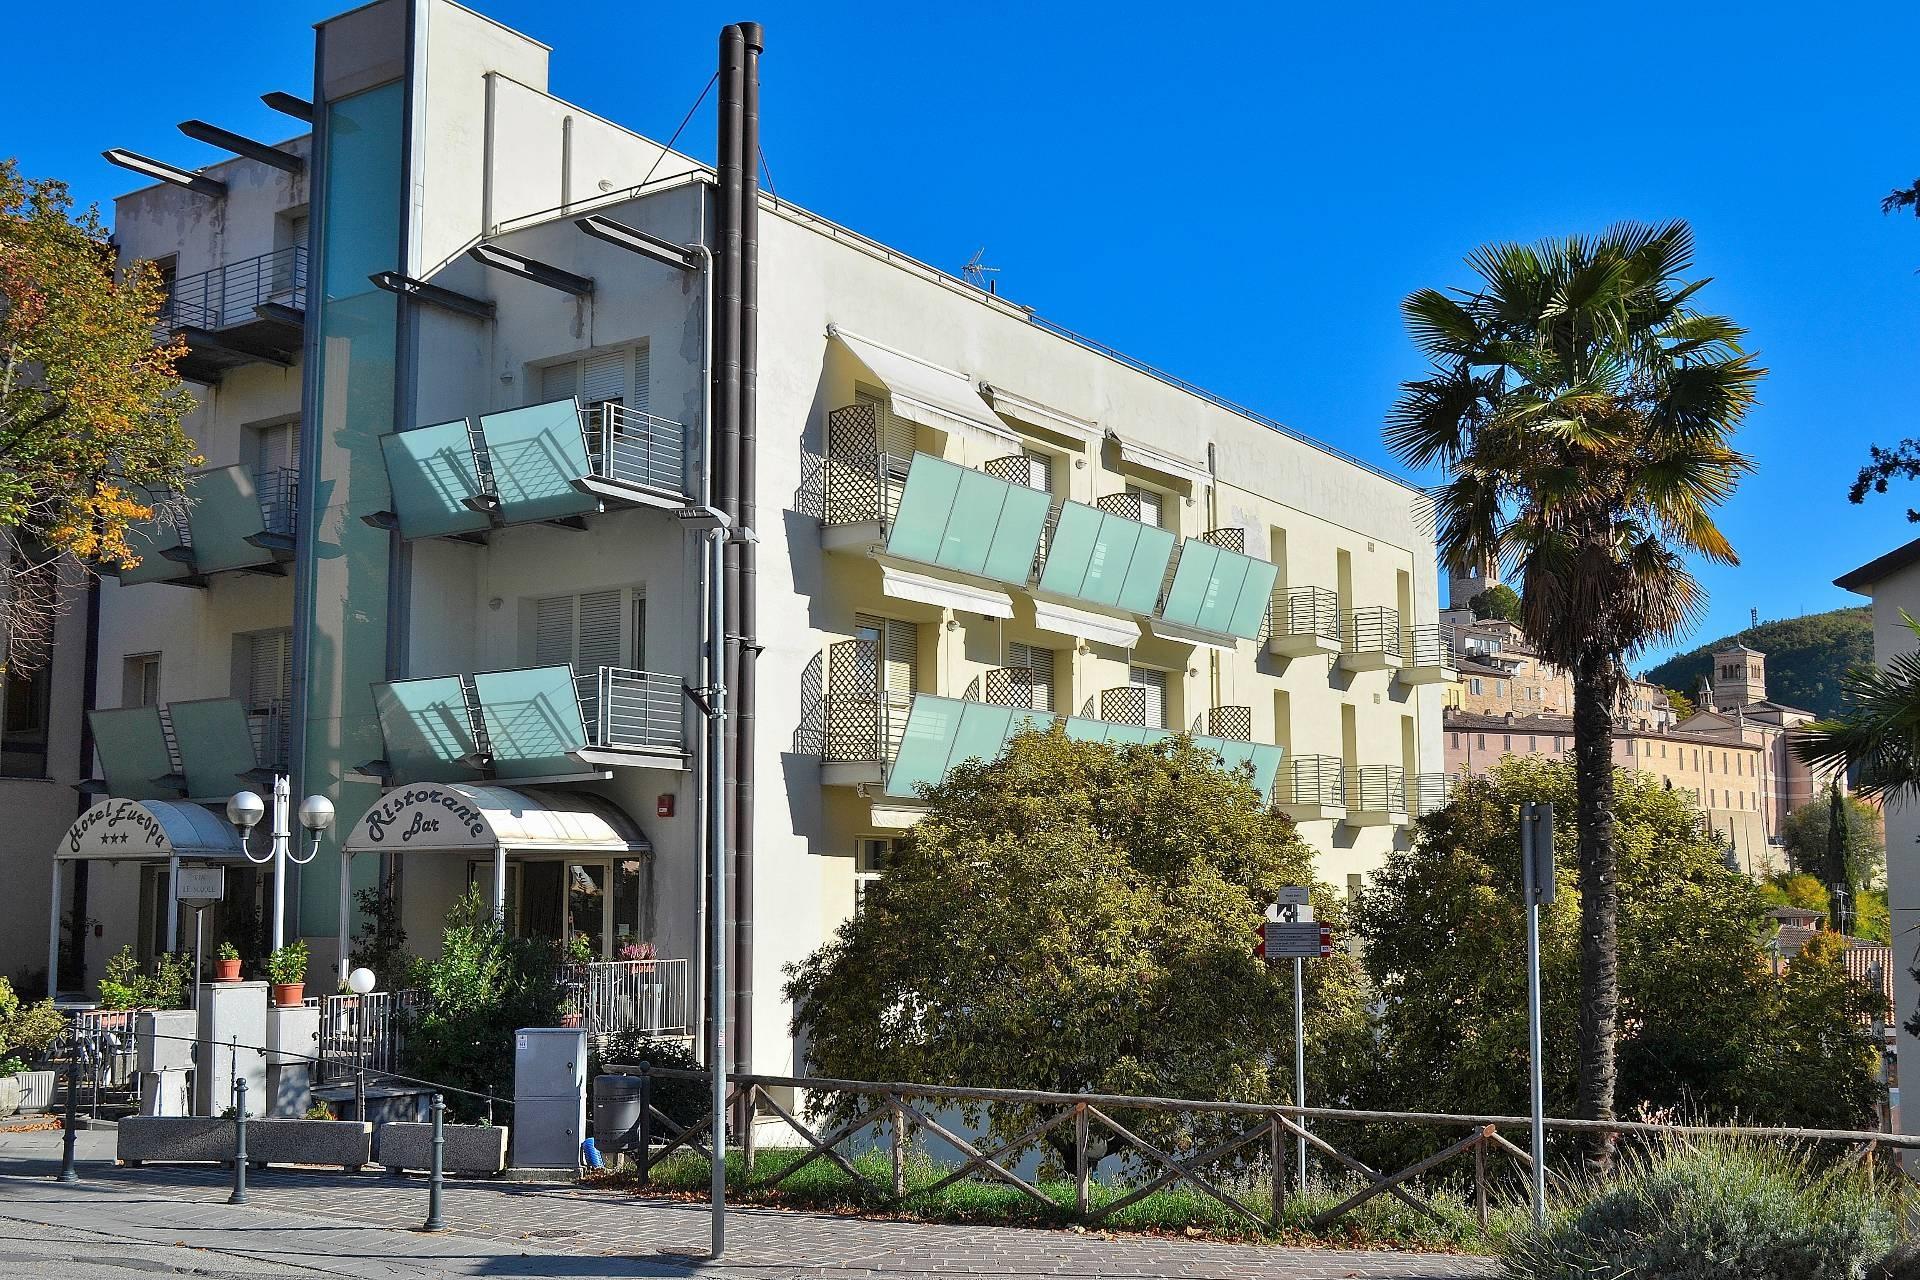 Albergo in vendita a Nocera Umbra, 9999 locali, prezzo € 790.000 | CambioCasa.it